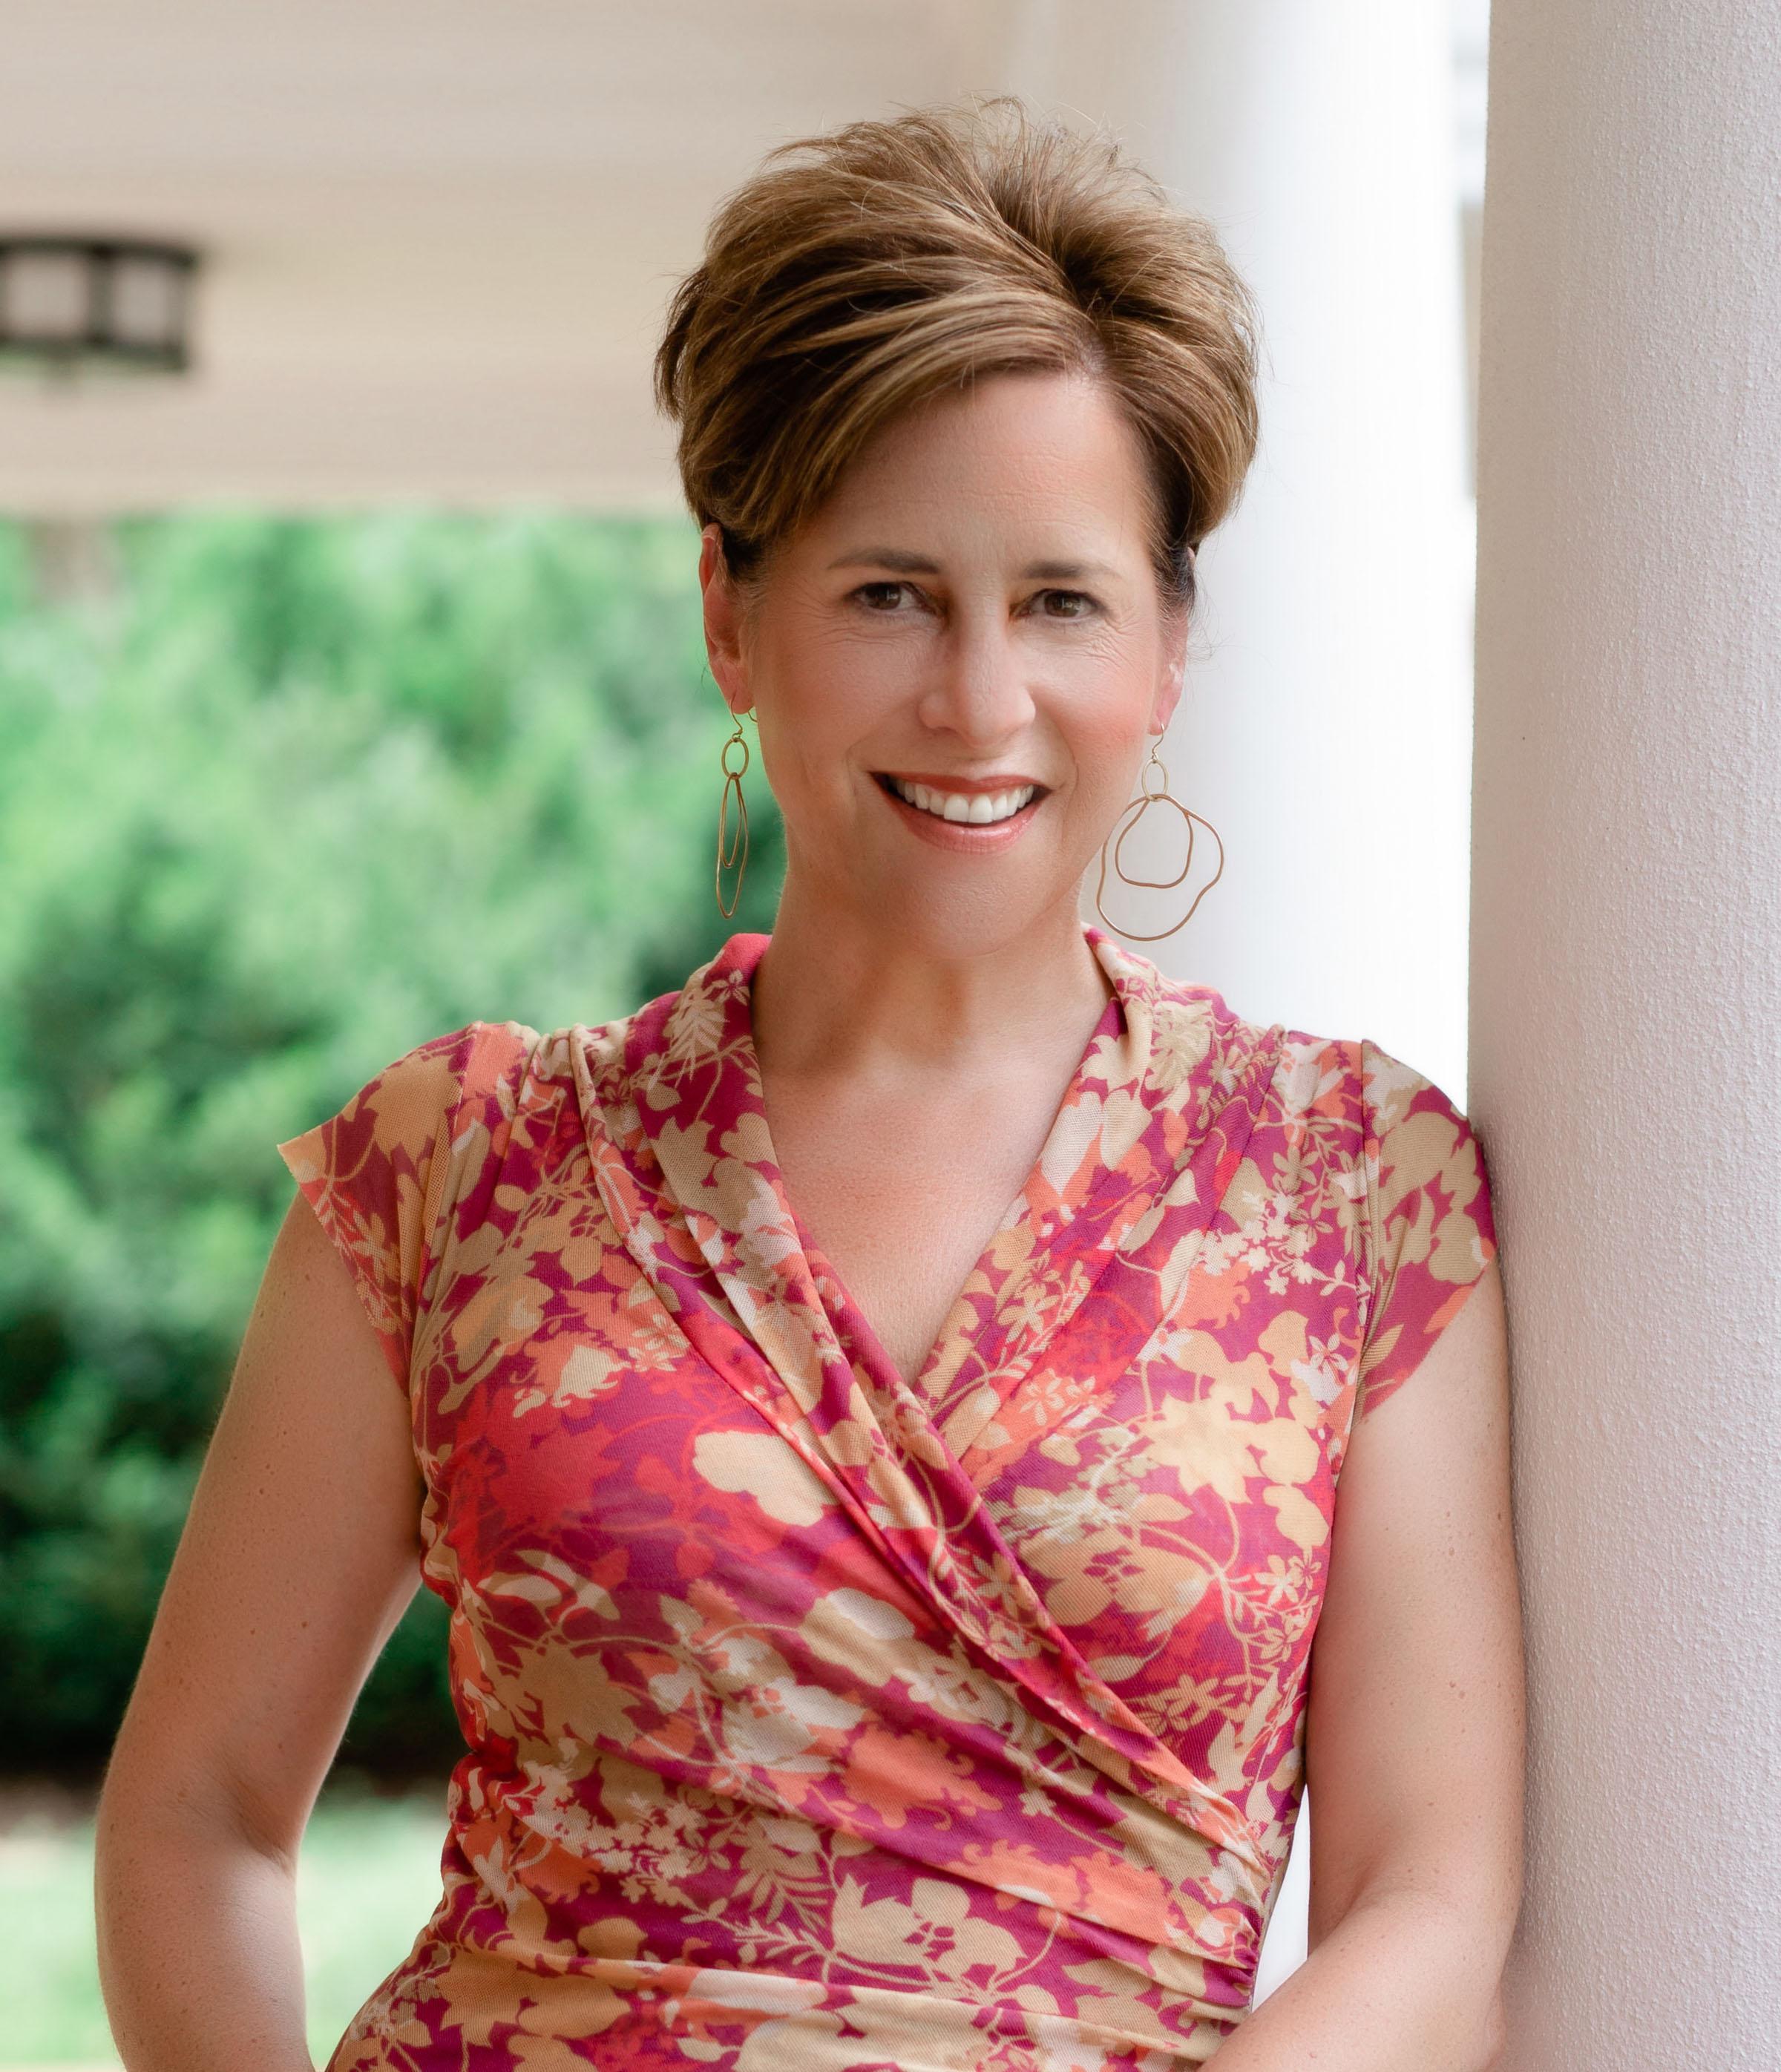 Kelly Barnett, founder of GrowSpring.